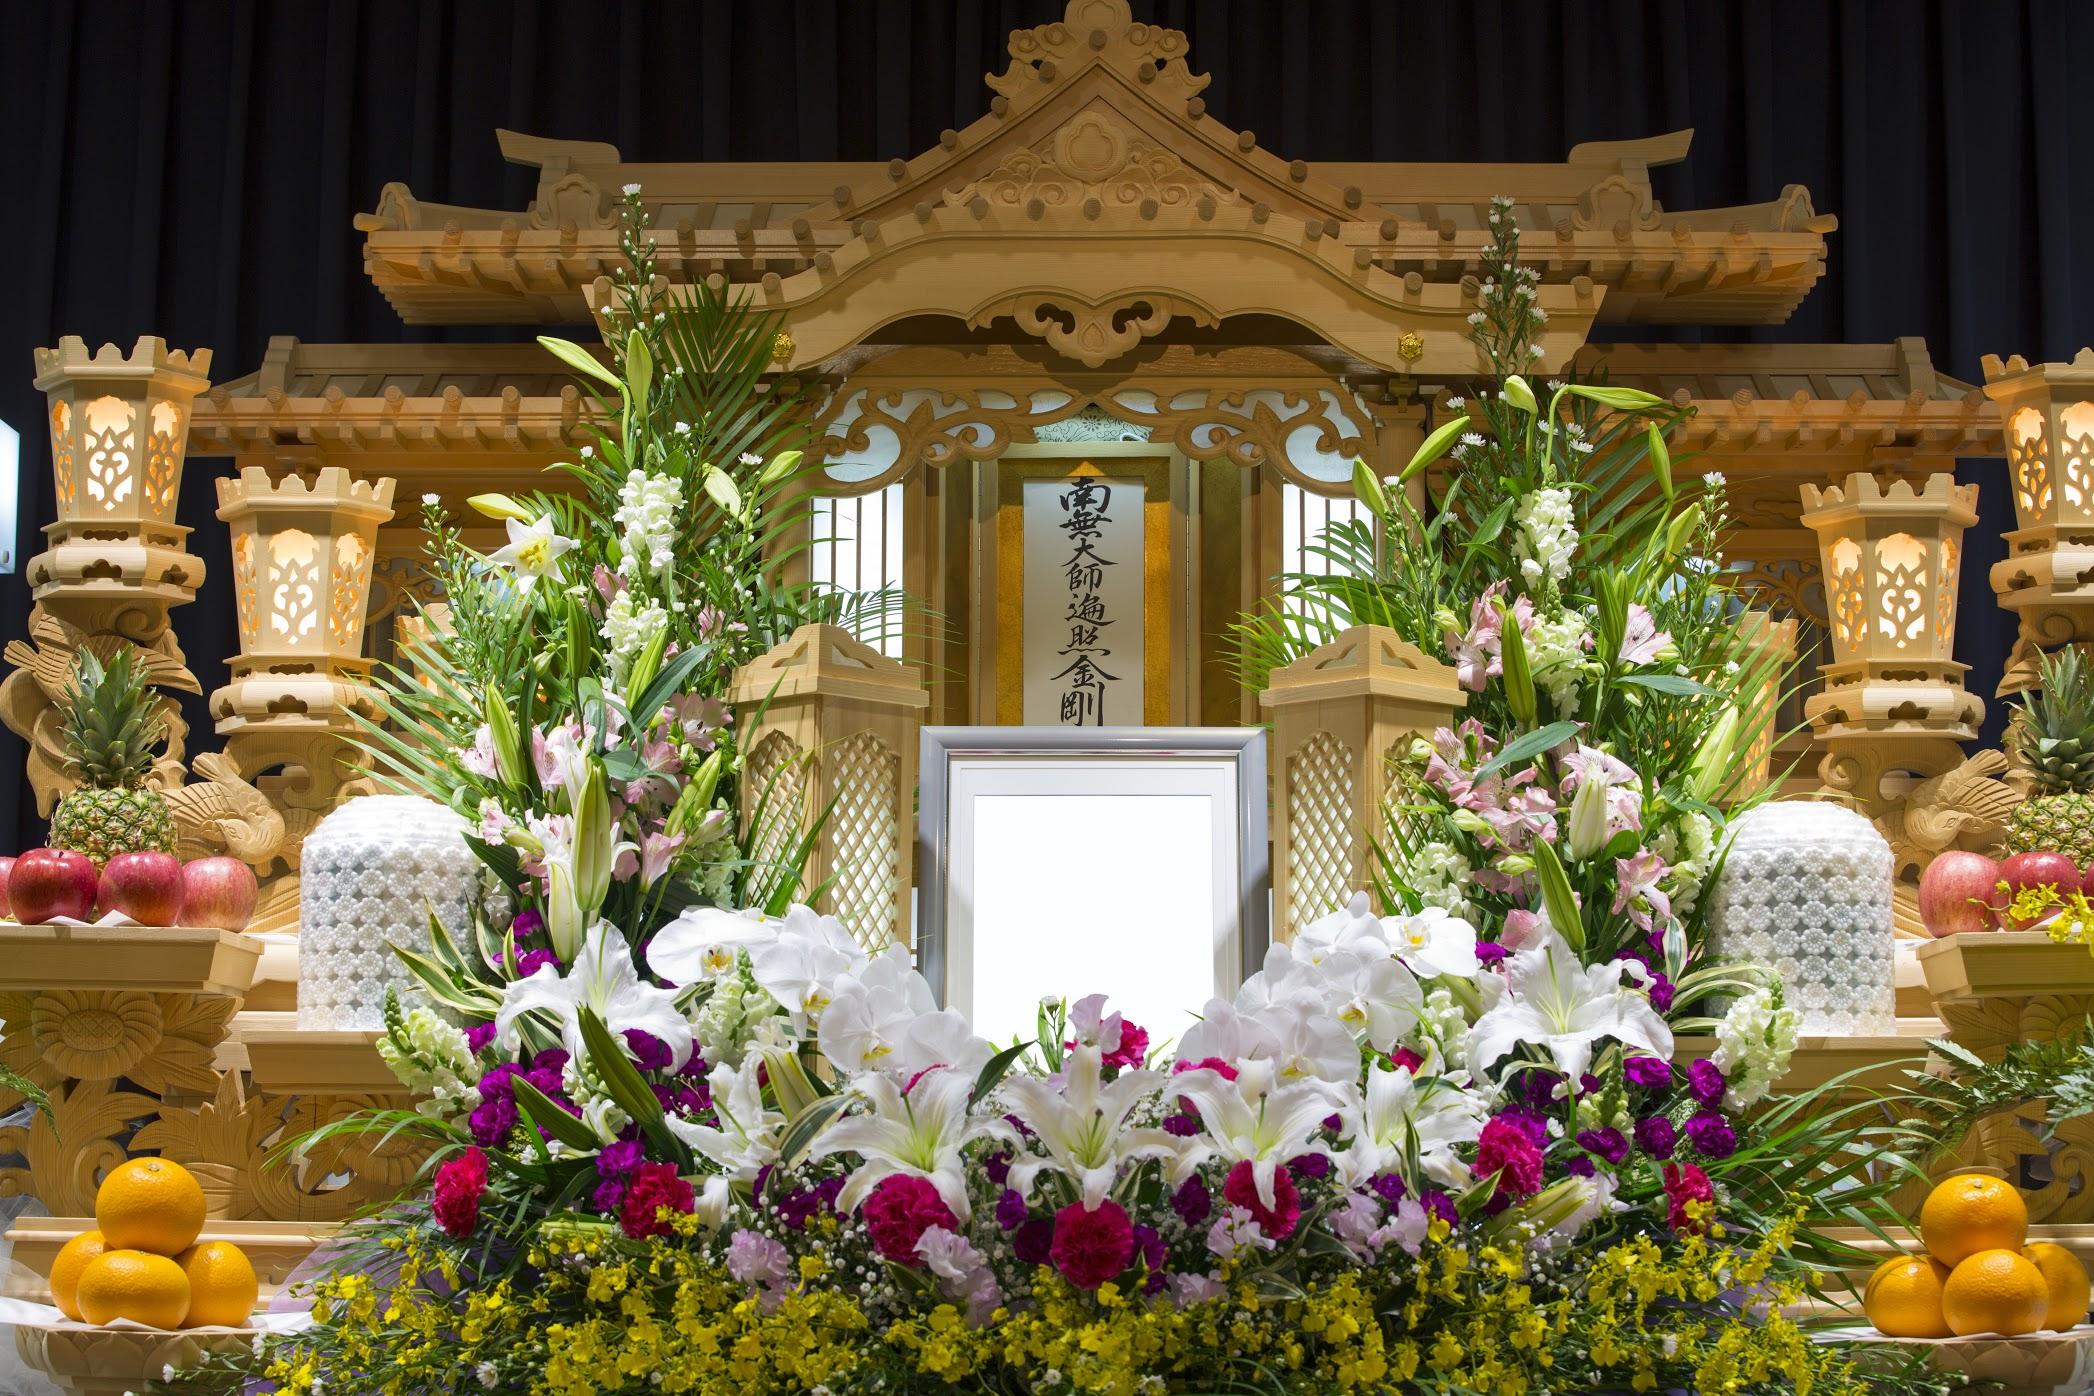 葬儀の祭壇の種類や値段は?種類別の花の並べ方やお供え物もご紹介のサムネイル画像